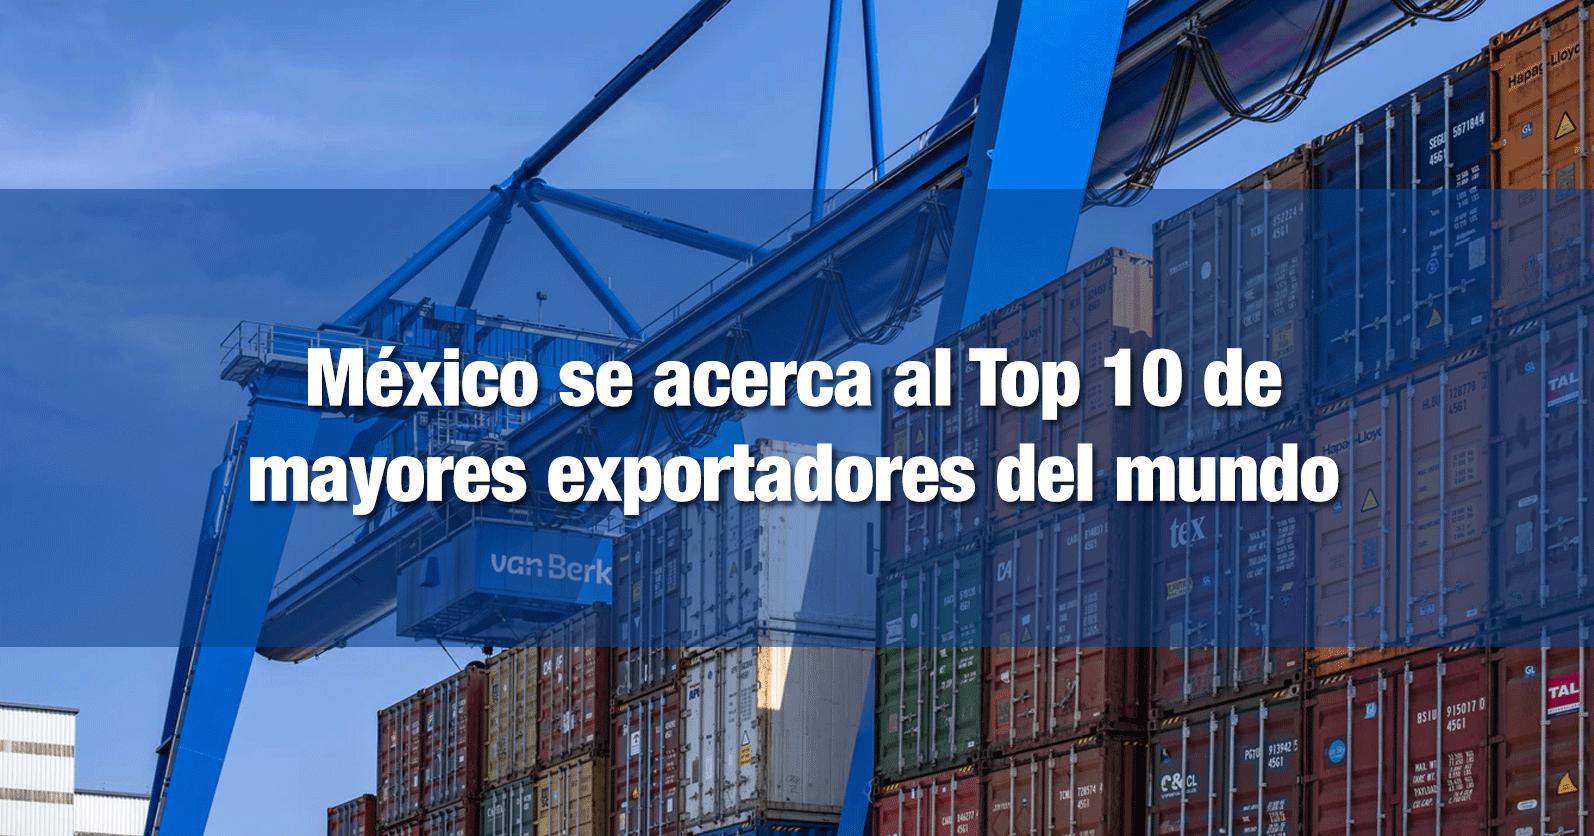 México se acerca al Top 10 de mayores exportadores del mundo